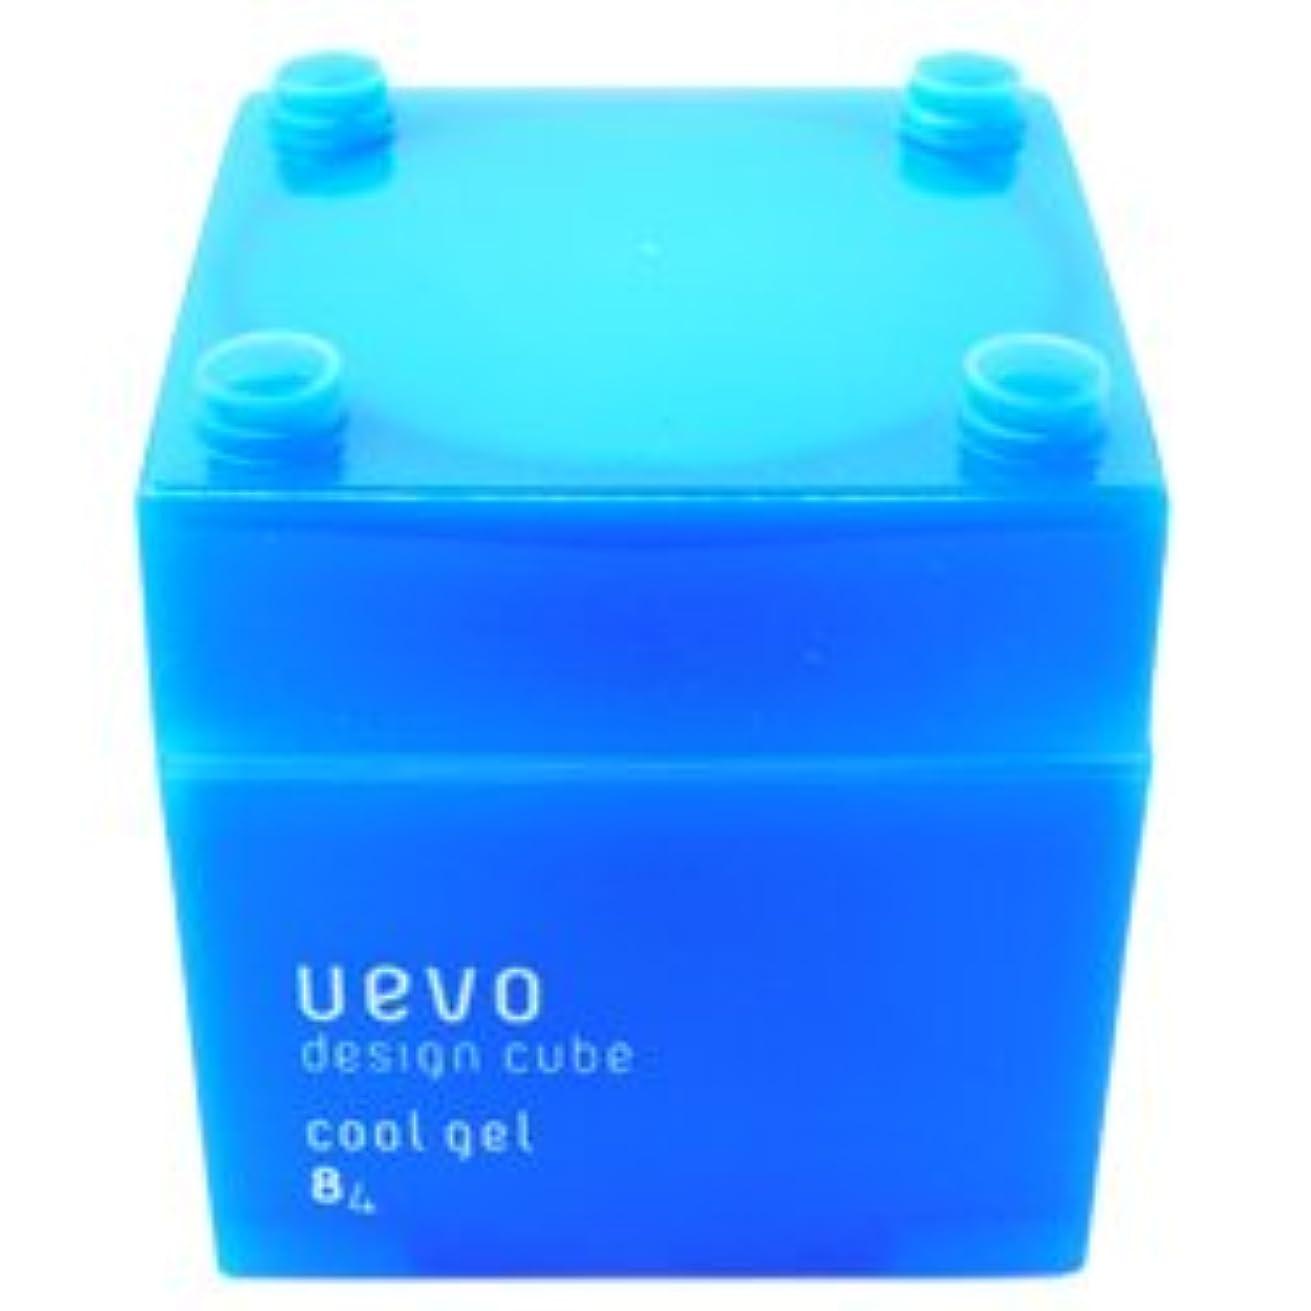 保護する家事をするその後ウェーボ デザインキューブ 80g ハードワックス (在庫) [並行輸入品]